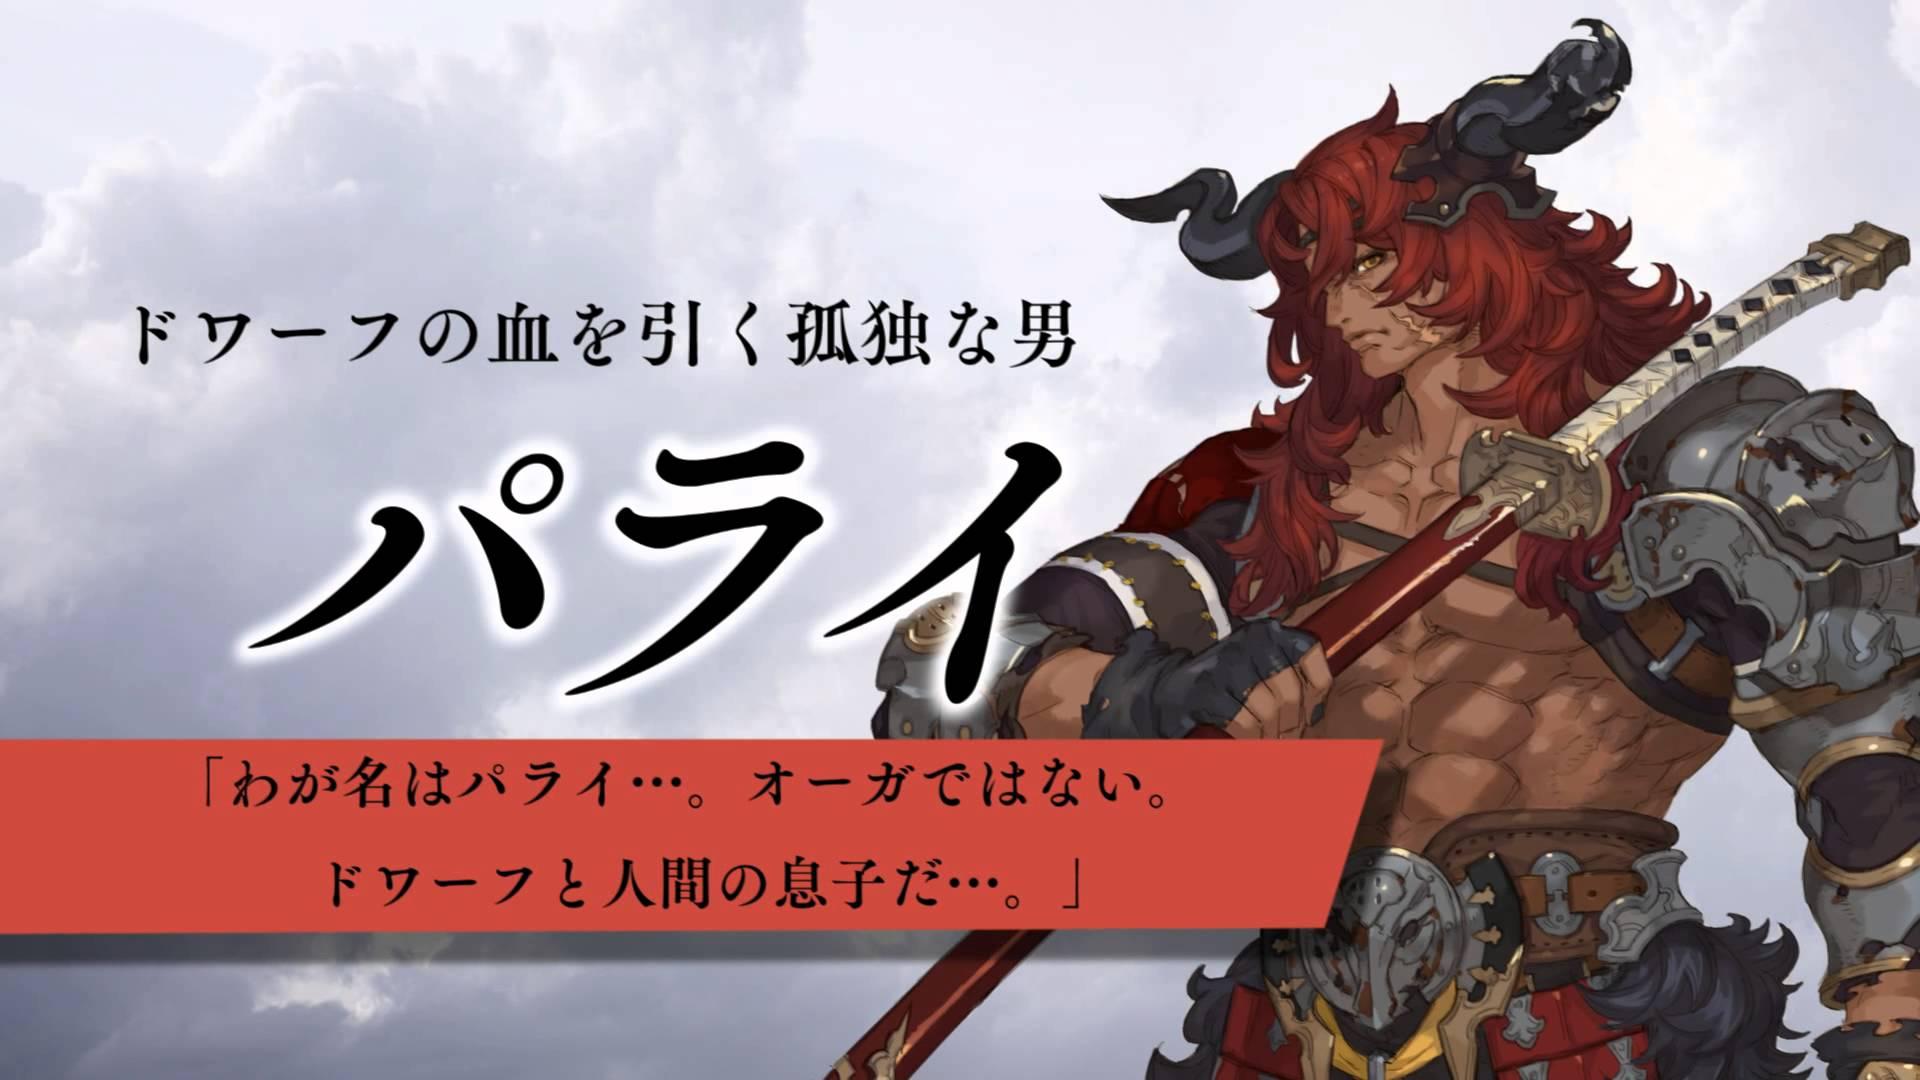 (ゲームアプリ情報)ファイナルファンタジーレジェンズ時空ノ水晶がおもしろい!